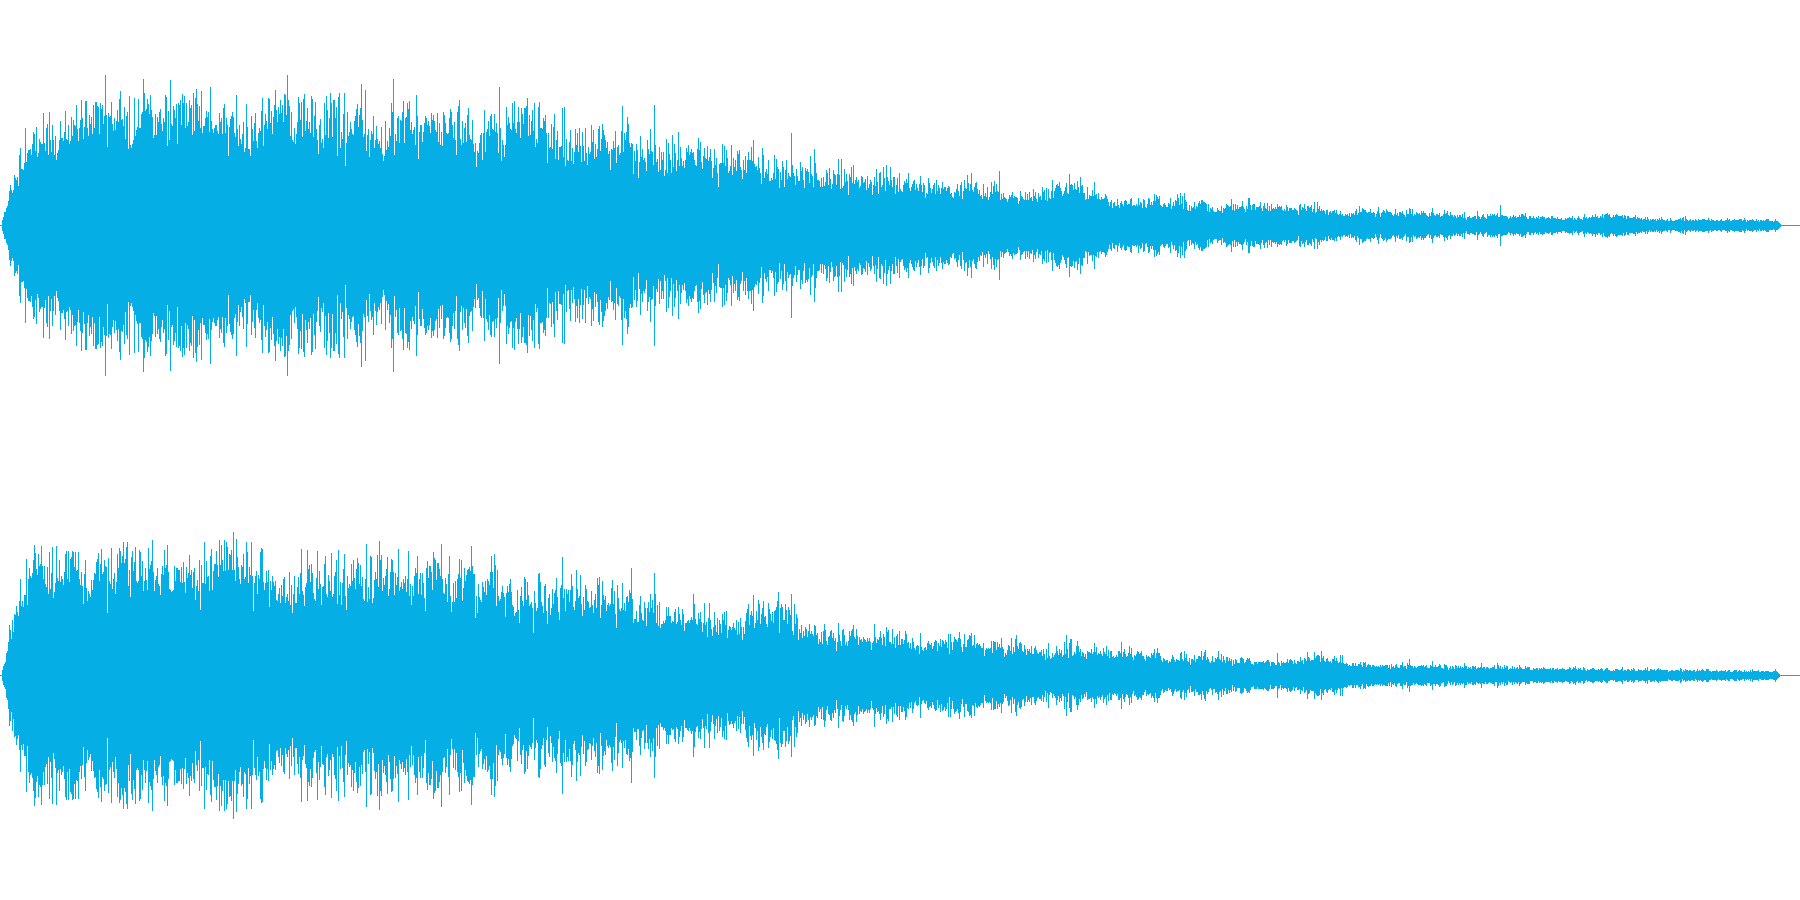 ホワイトノイズ(雑音)の再生済みの波形